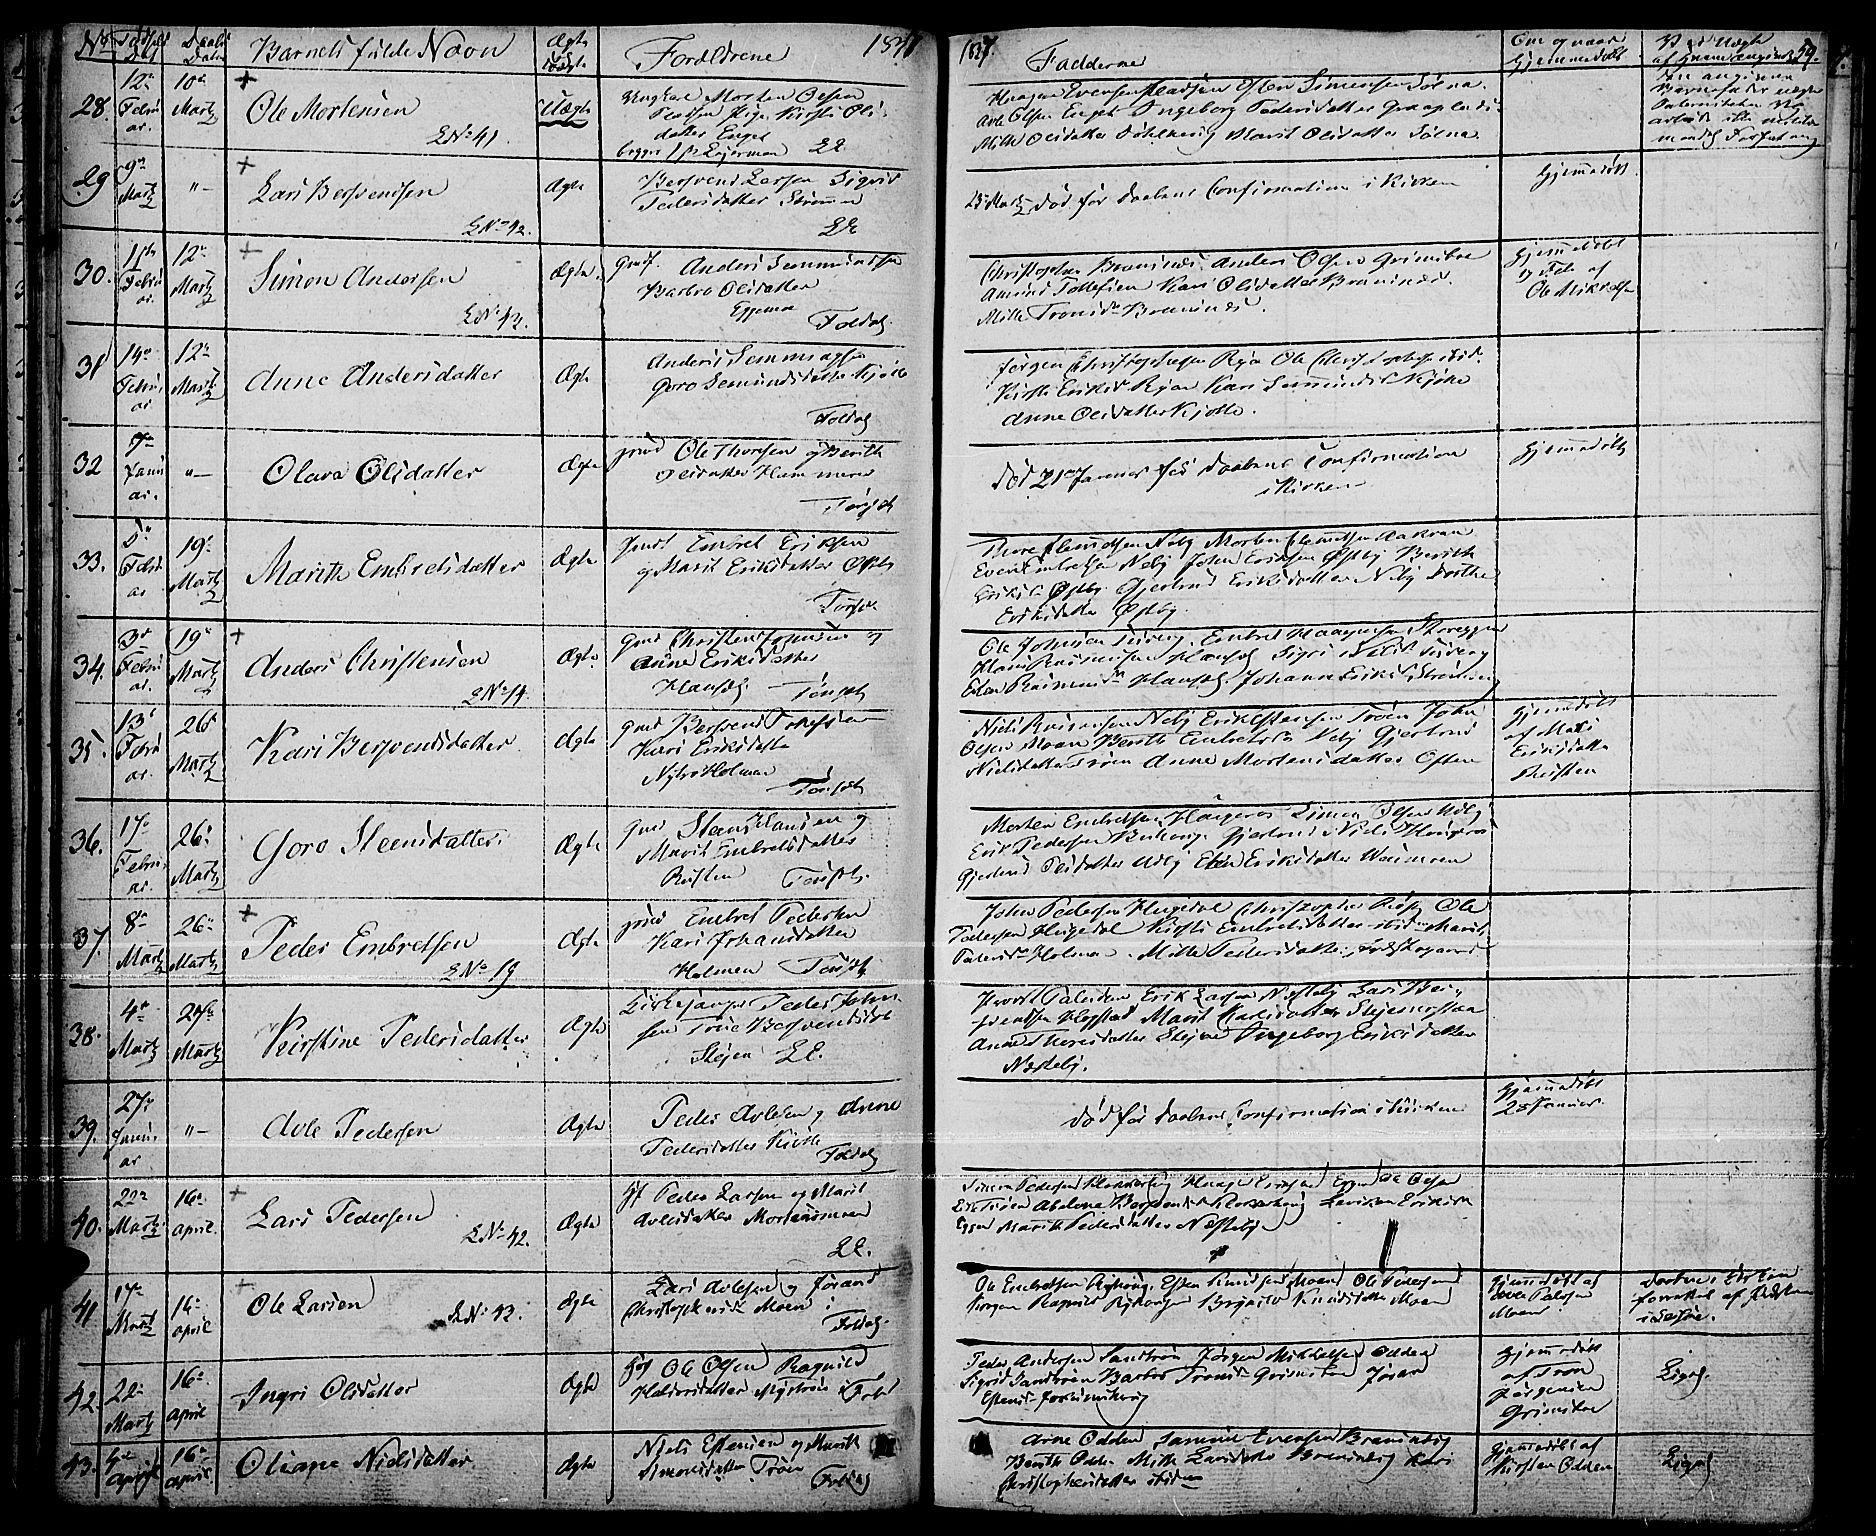 SAH, Tynset prestekontor, Parish register (official) no. 19, 1829-1847, p. 59